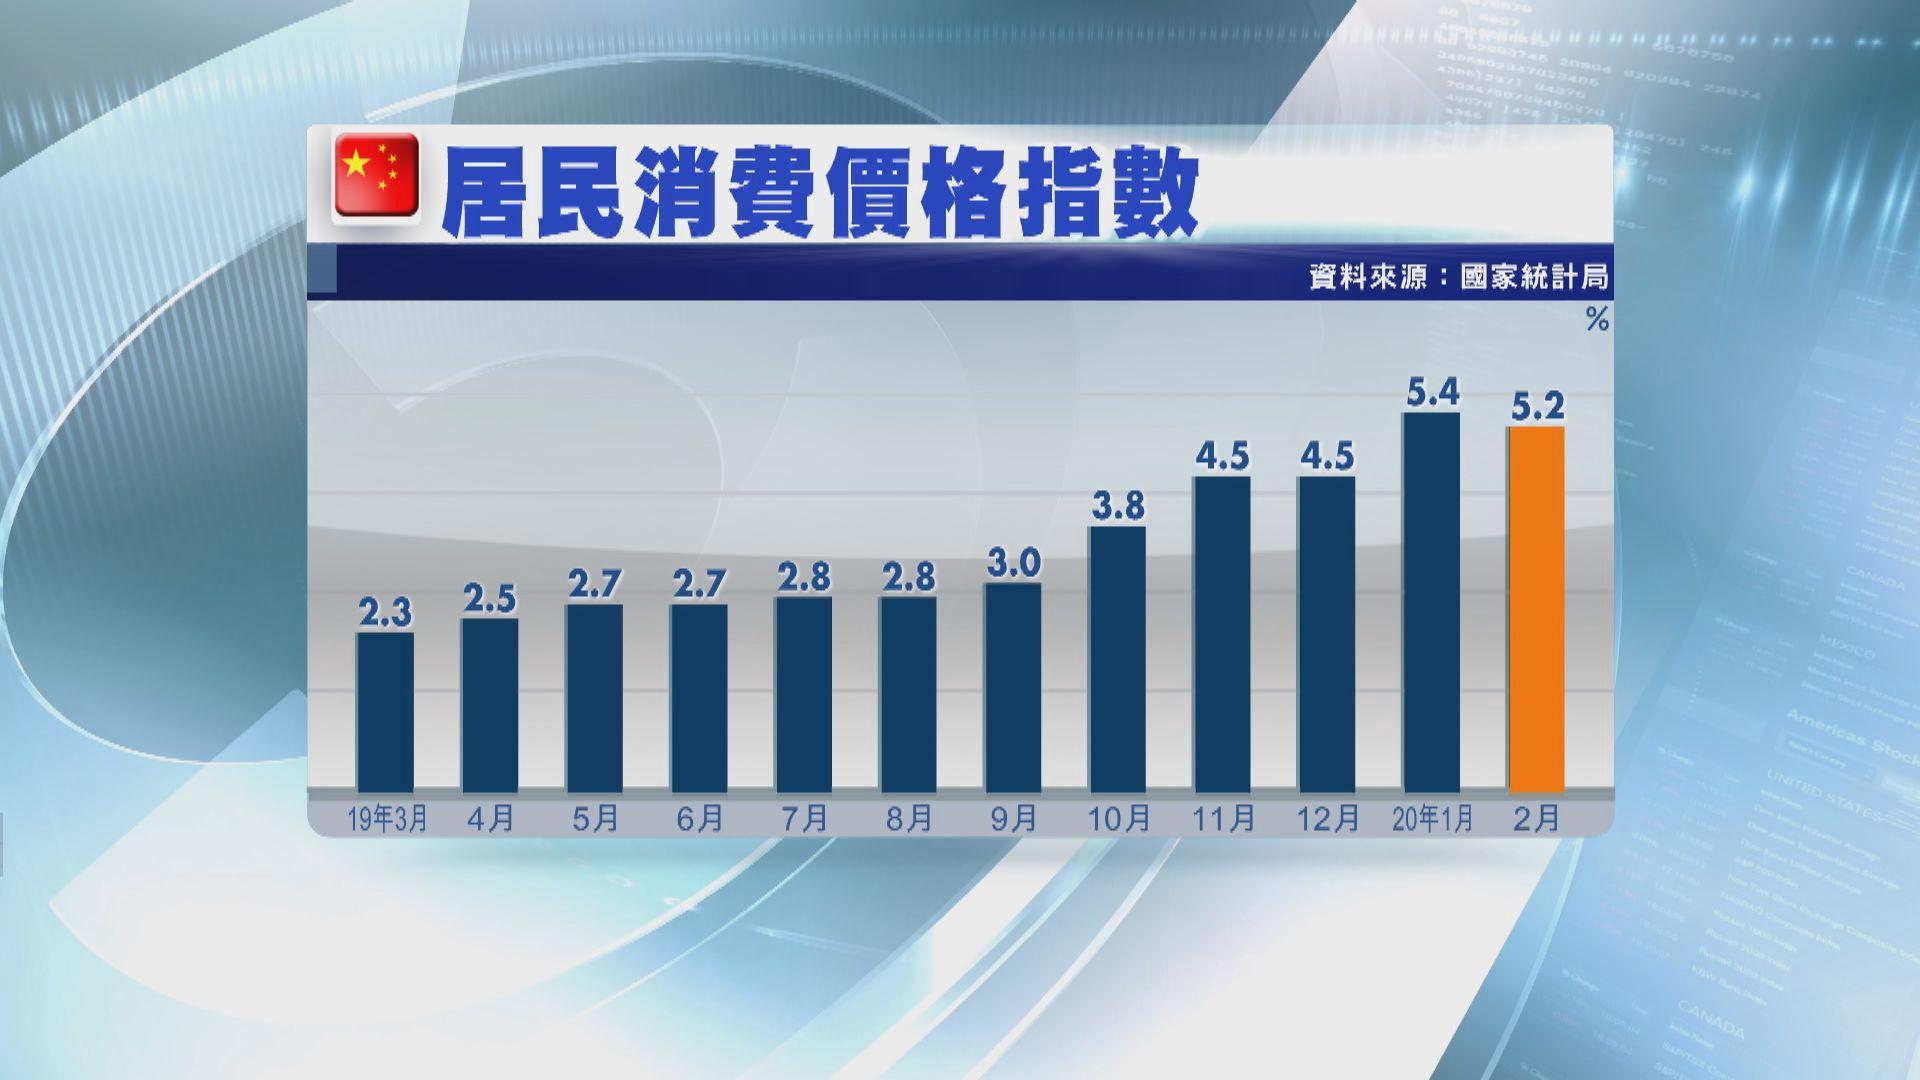 【內地物價】上月通脹回落但仍高企 分析料因囤積行為